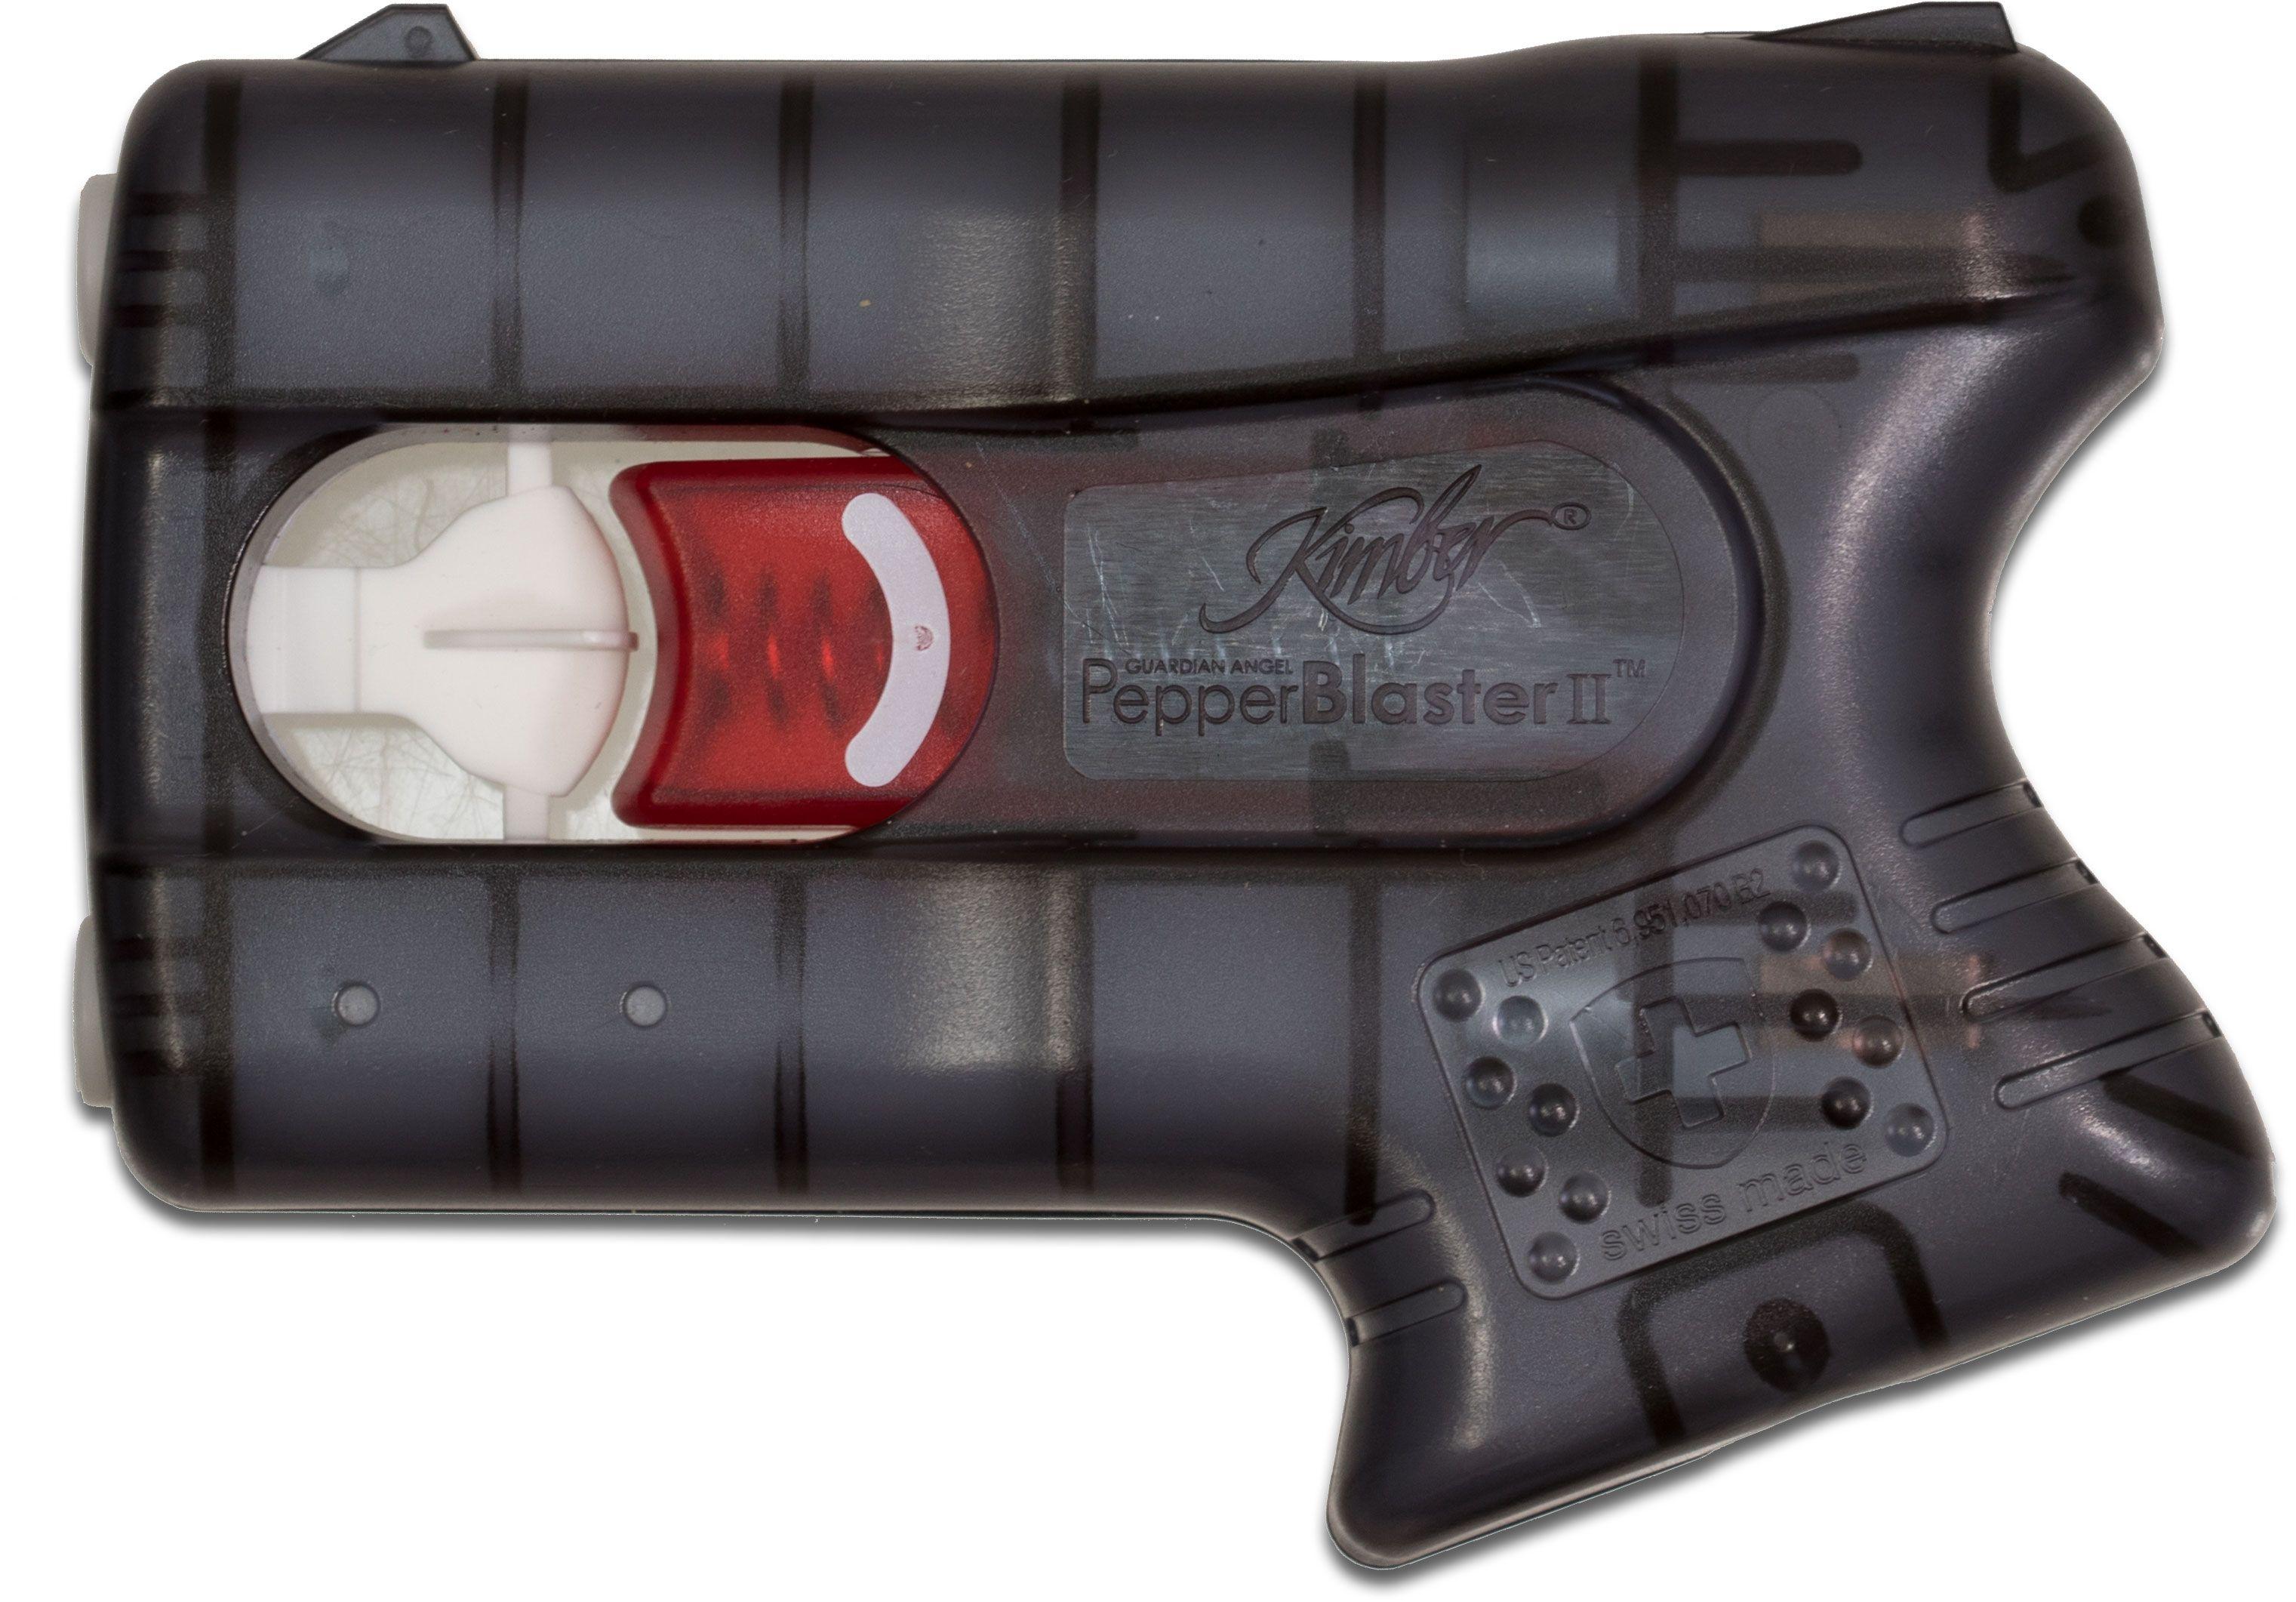 Kimber America PepperBlaster II Pistol Grip Pepper Self-Defense Solution, Gray